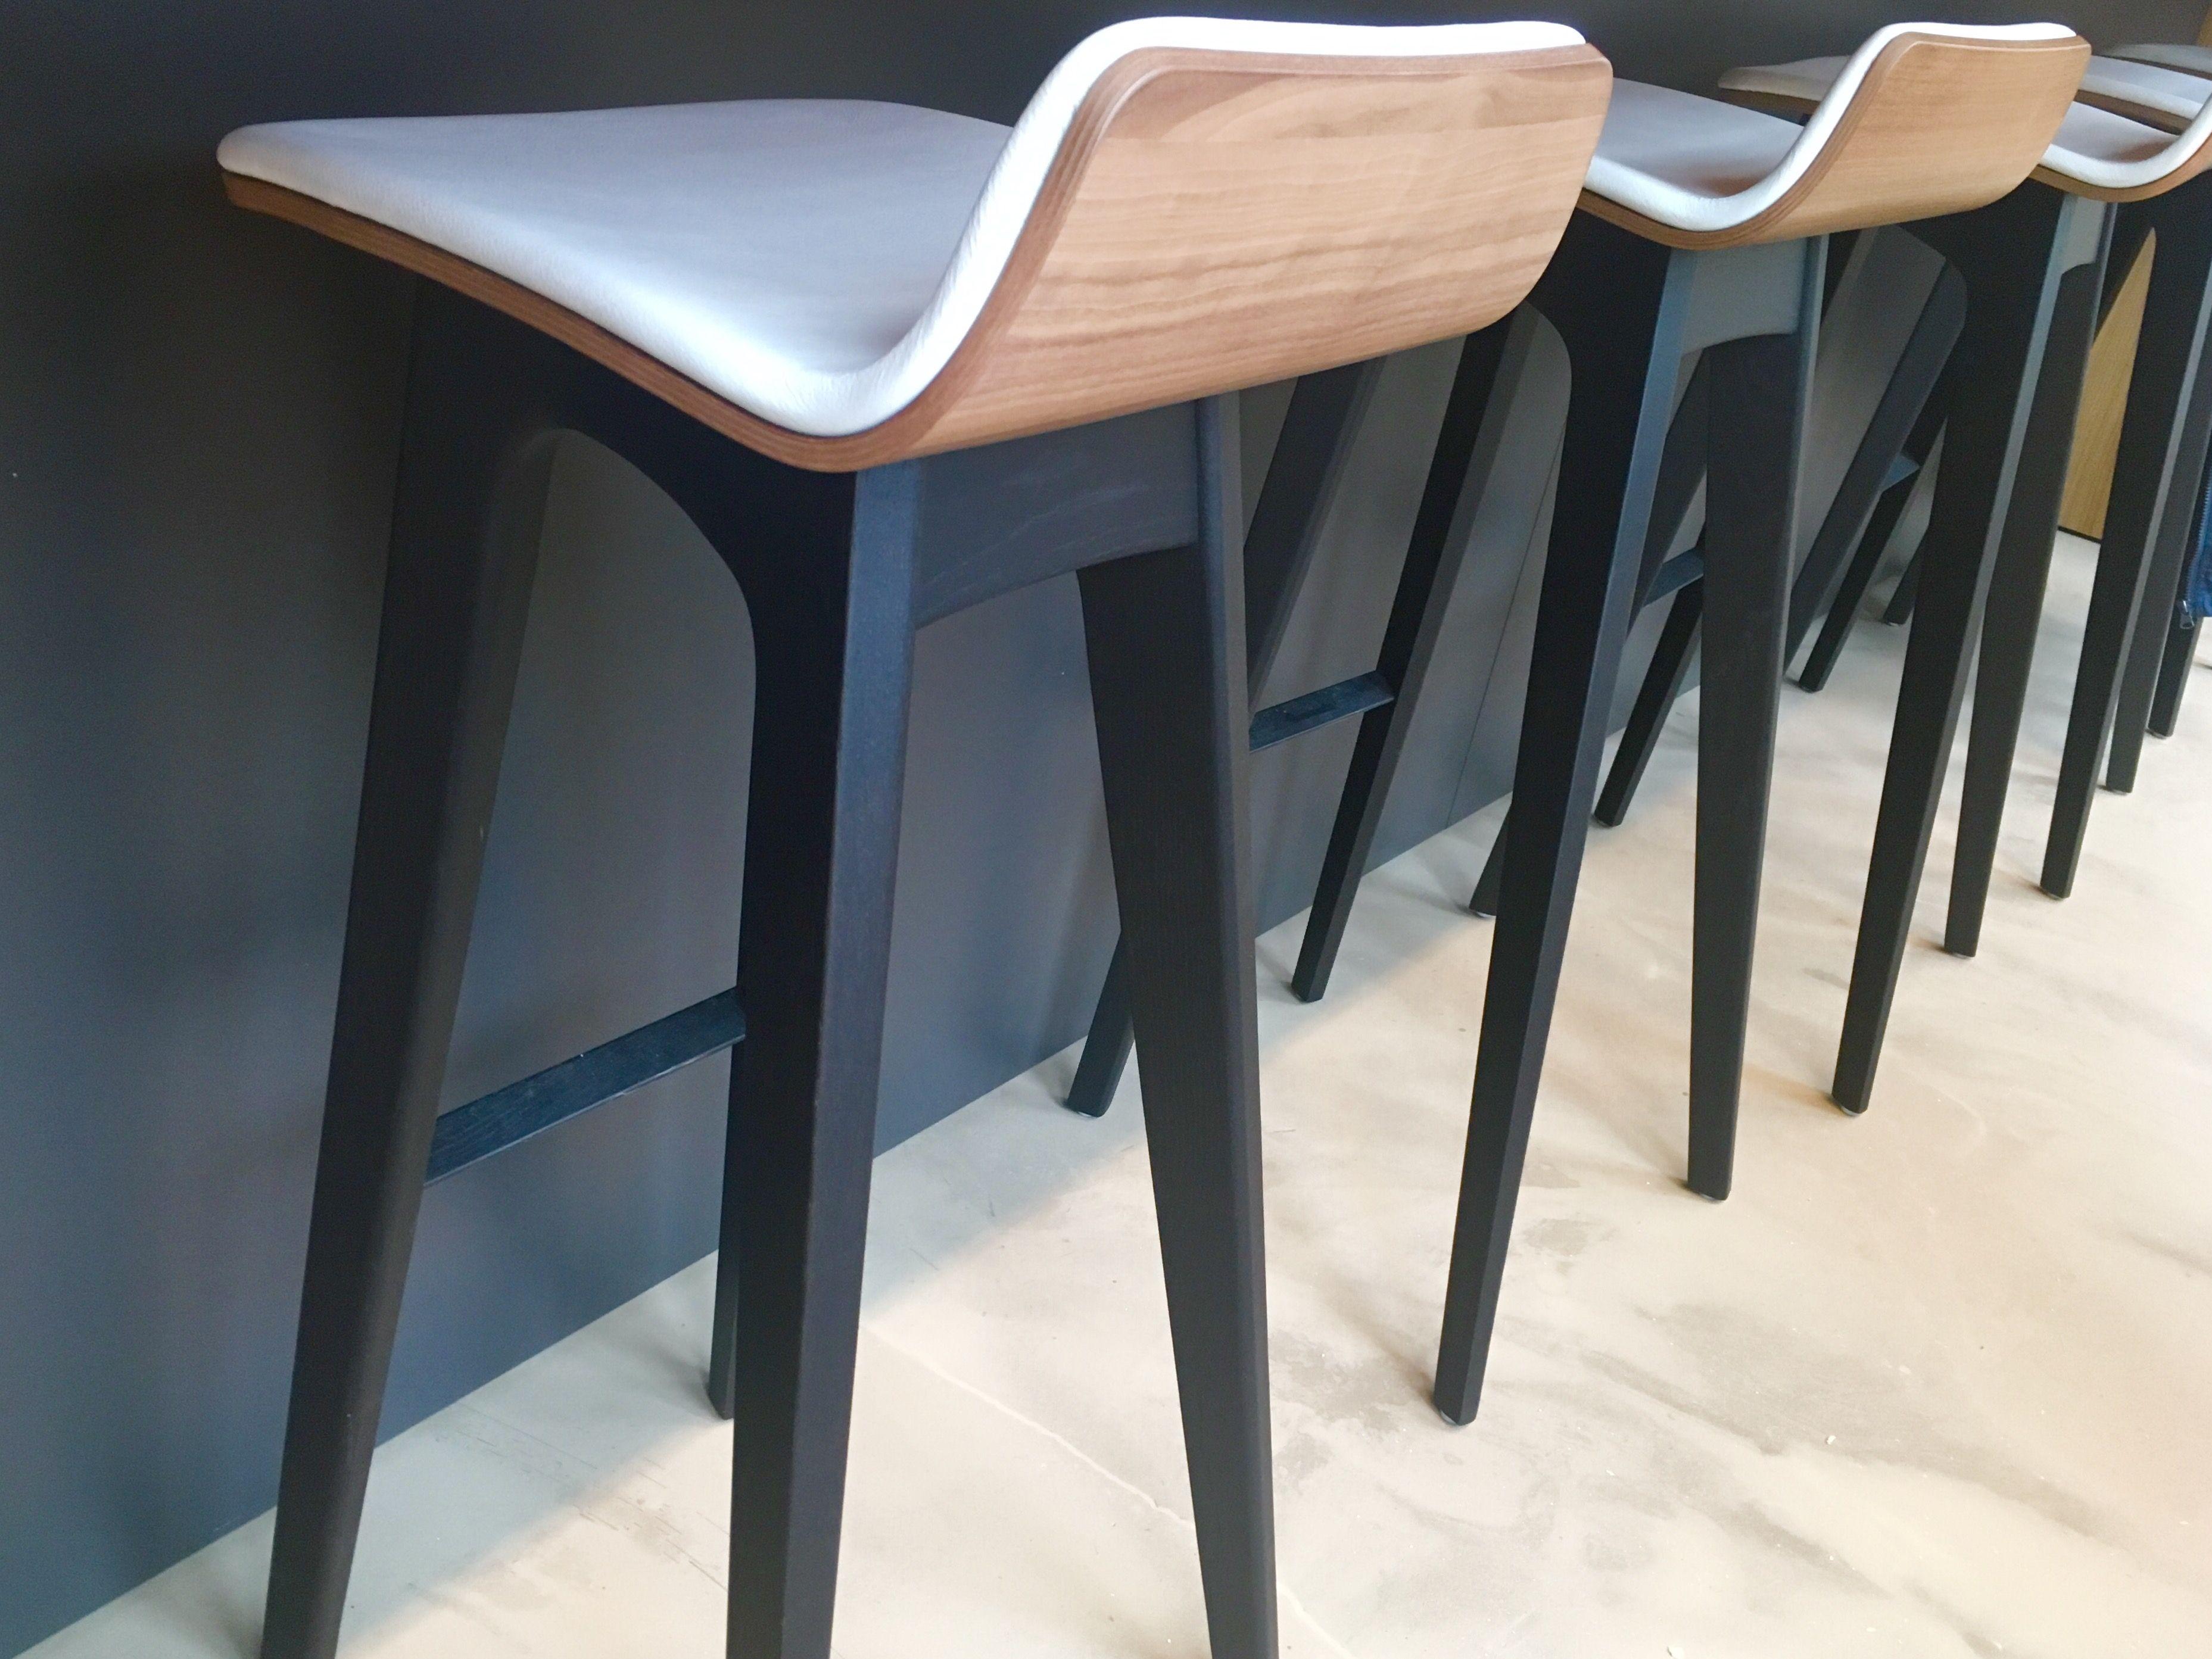 Barkruk #zeitraum #interieur #design #eindhoven #admirant www.pga.nl